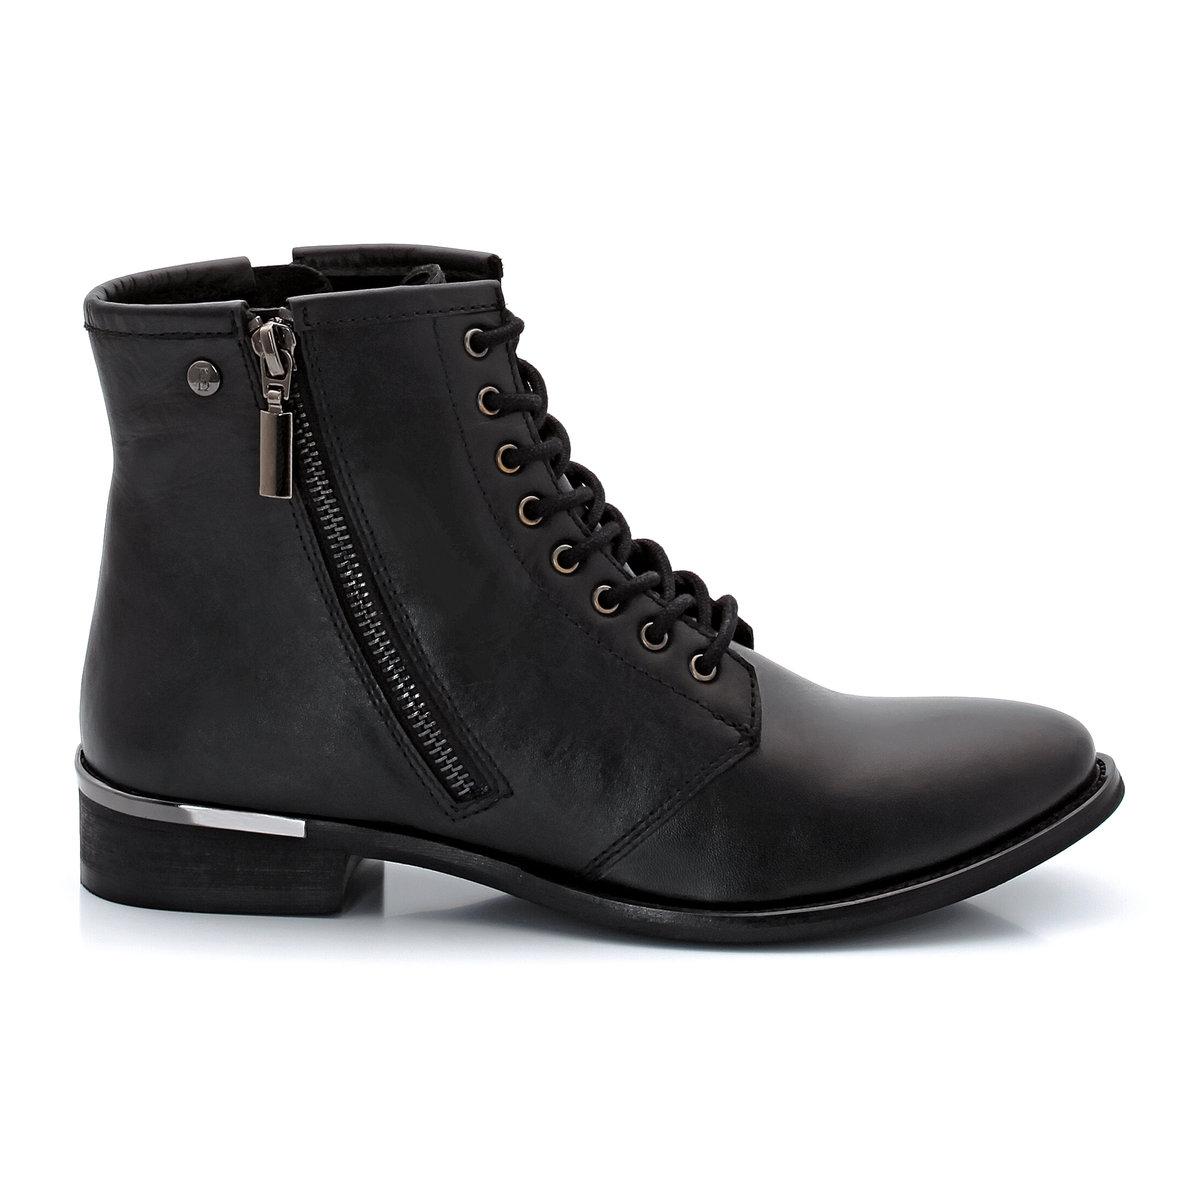 Ботинки кожаныеMuratКожаные ботинки с застежкой на молнию и шнуровкой, модель Murat от ELLE. Верх: кожа (коровья). Подкладка: текстиль. Стелька: кожа. Подошва: синтетический материал. Застежка: на молнию и шнуровка.                                   Высота каблука: 3 см. Высота верха: 5,5 см. Неоспоримые плюсы: вы моментально влюбитесь в их уникальный и оригинальный стиль от ELLE. Модель смешанного стиля с застежкой на молнию и металлическими вставками на пятке<br><br>Цвет: черный<br>Размер: 38